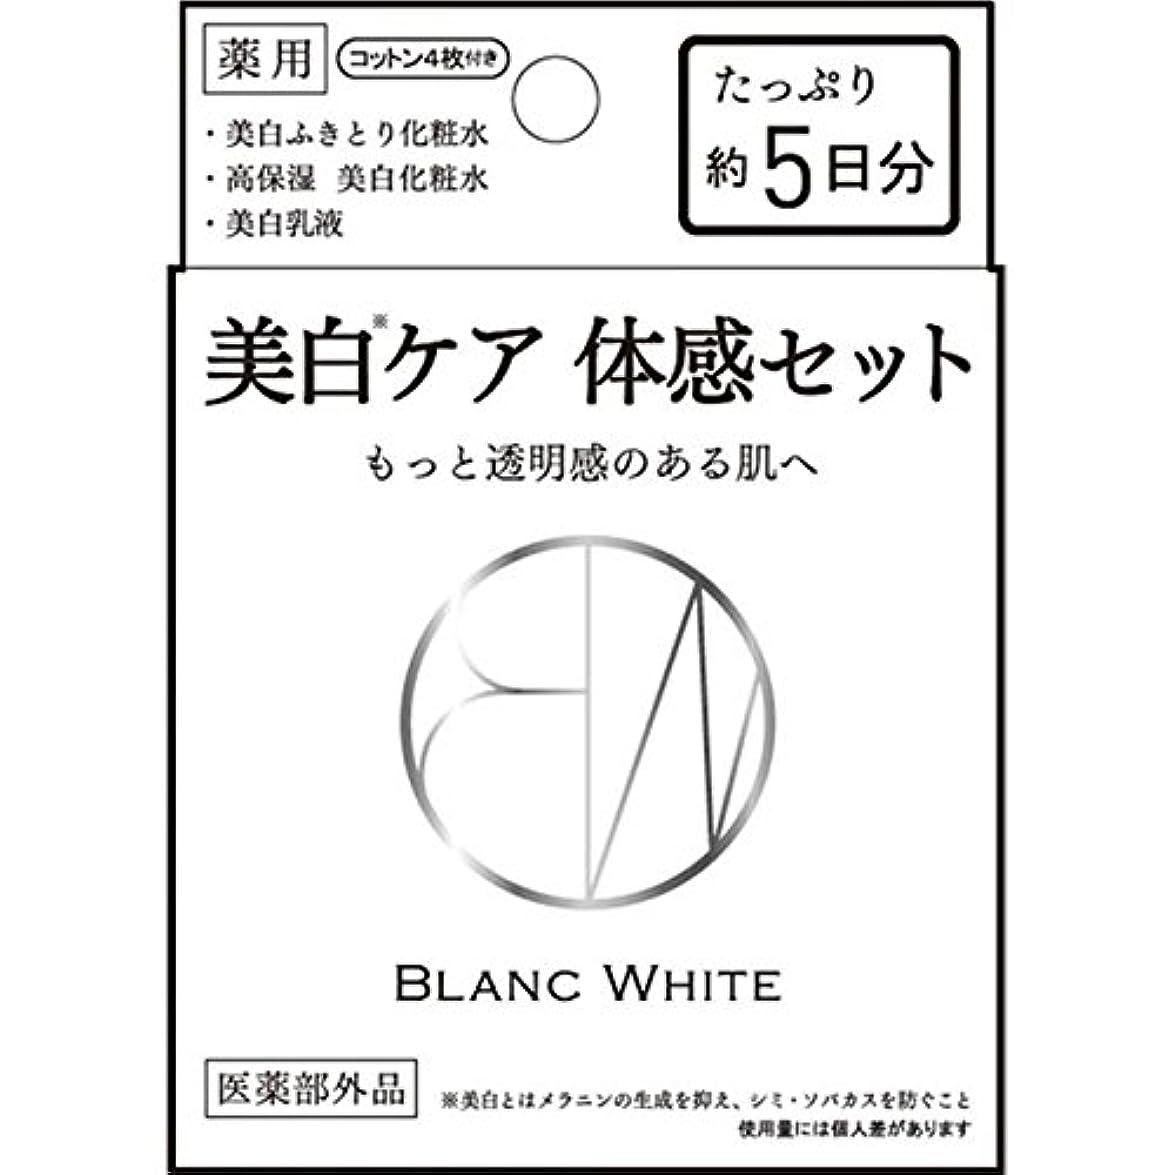 同種の絵かすれたブランホワイト トライアルセット 3種混合セット (医薬部外品)